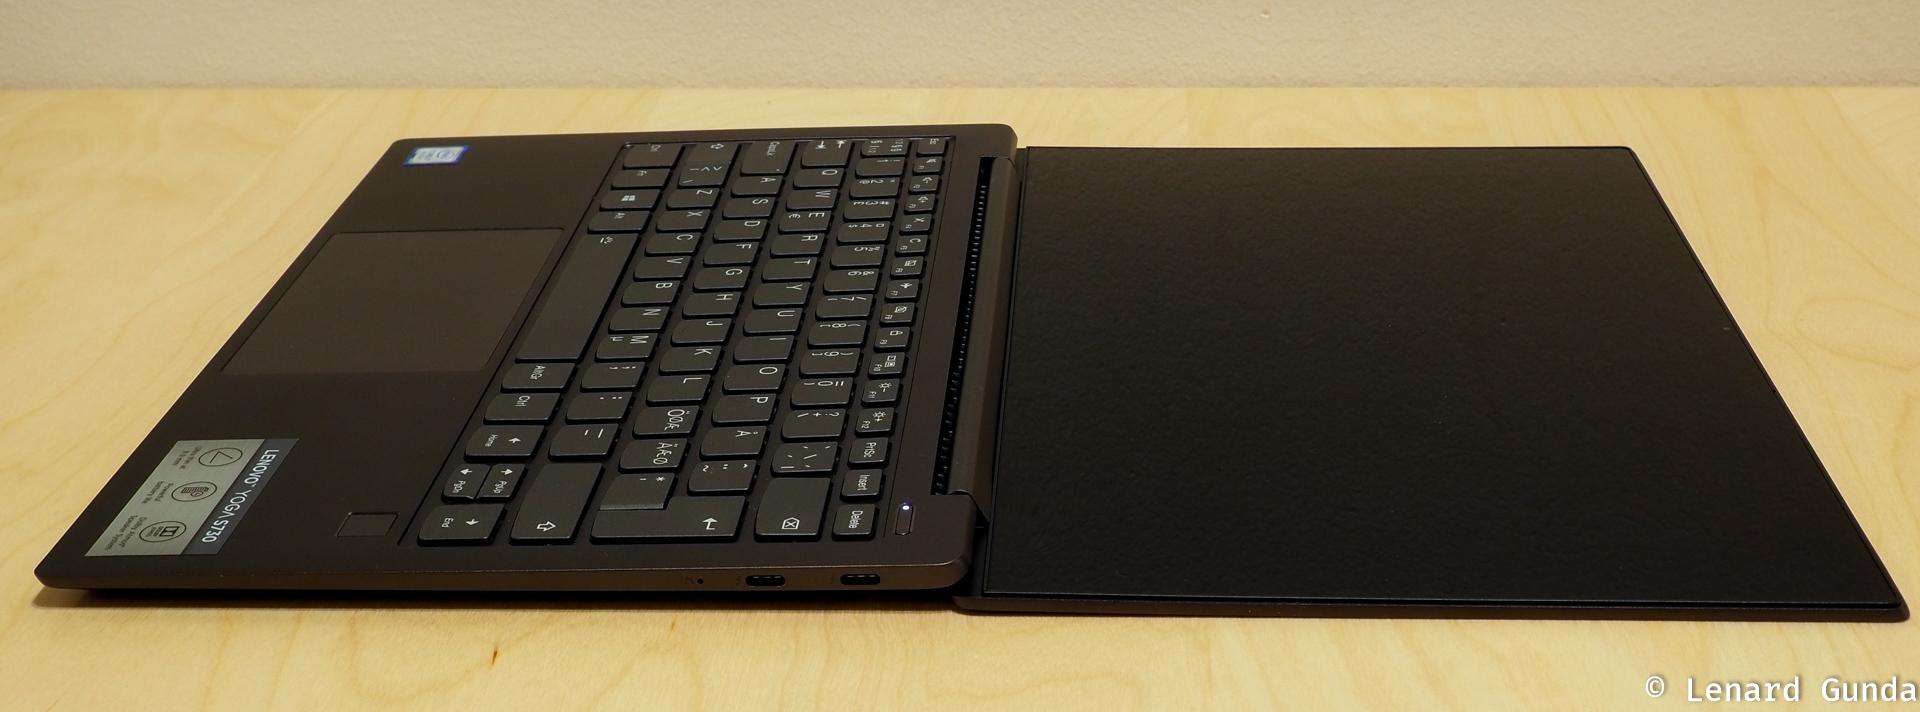 Lenovo Yoga S730 review - LenardGunda com